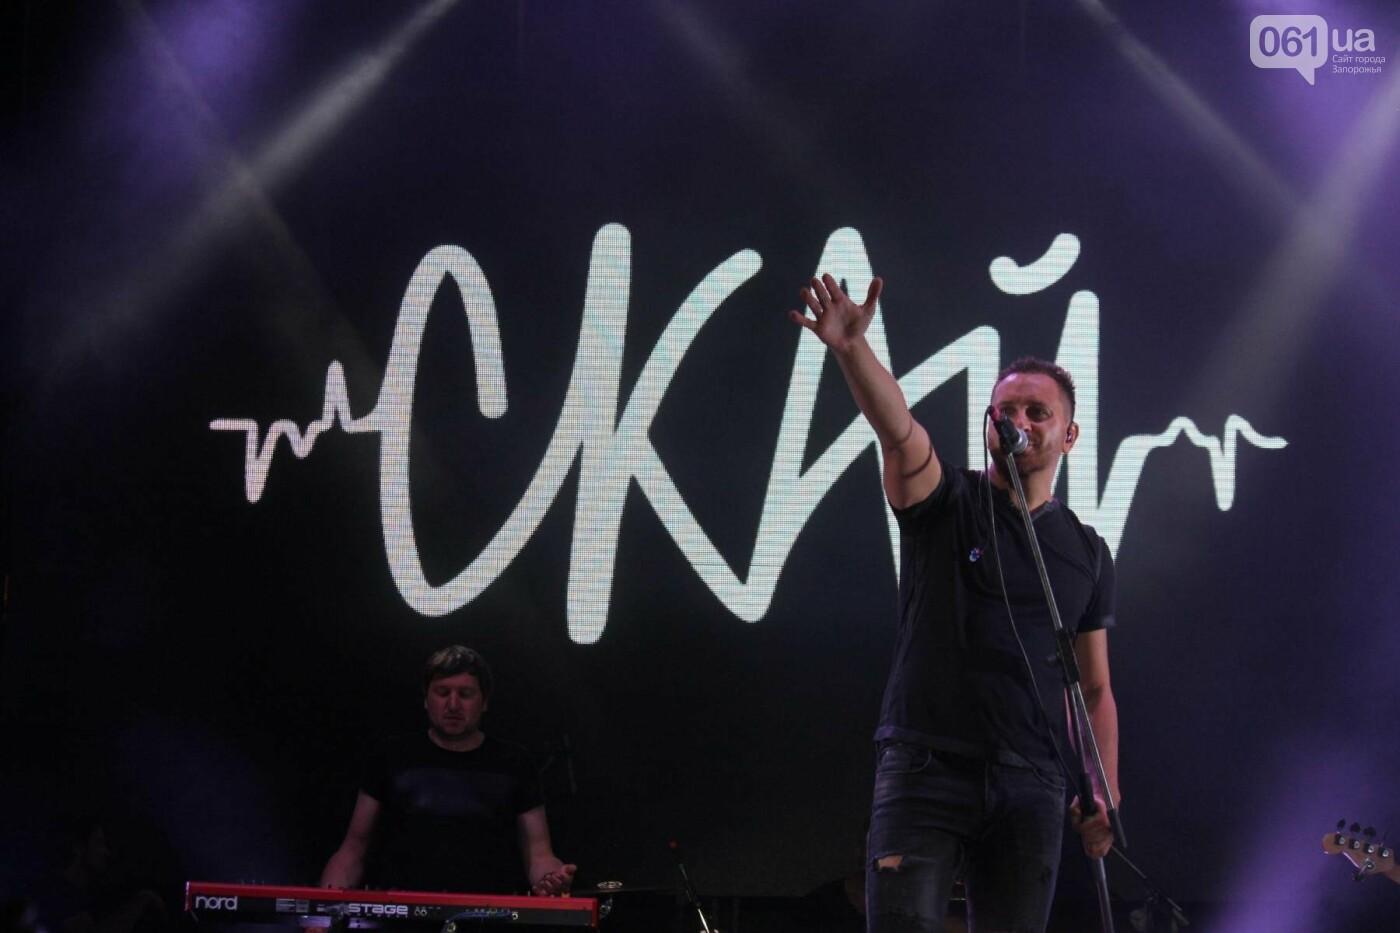 «ВВ», «Скай» и «Скрябин»: как прошел второй день фестиваля Khortytsia Freedom, – ФОТОРЕПОРТАЖ, фото-111